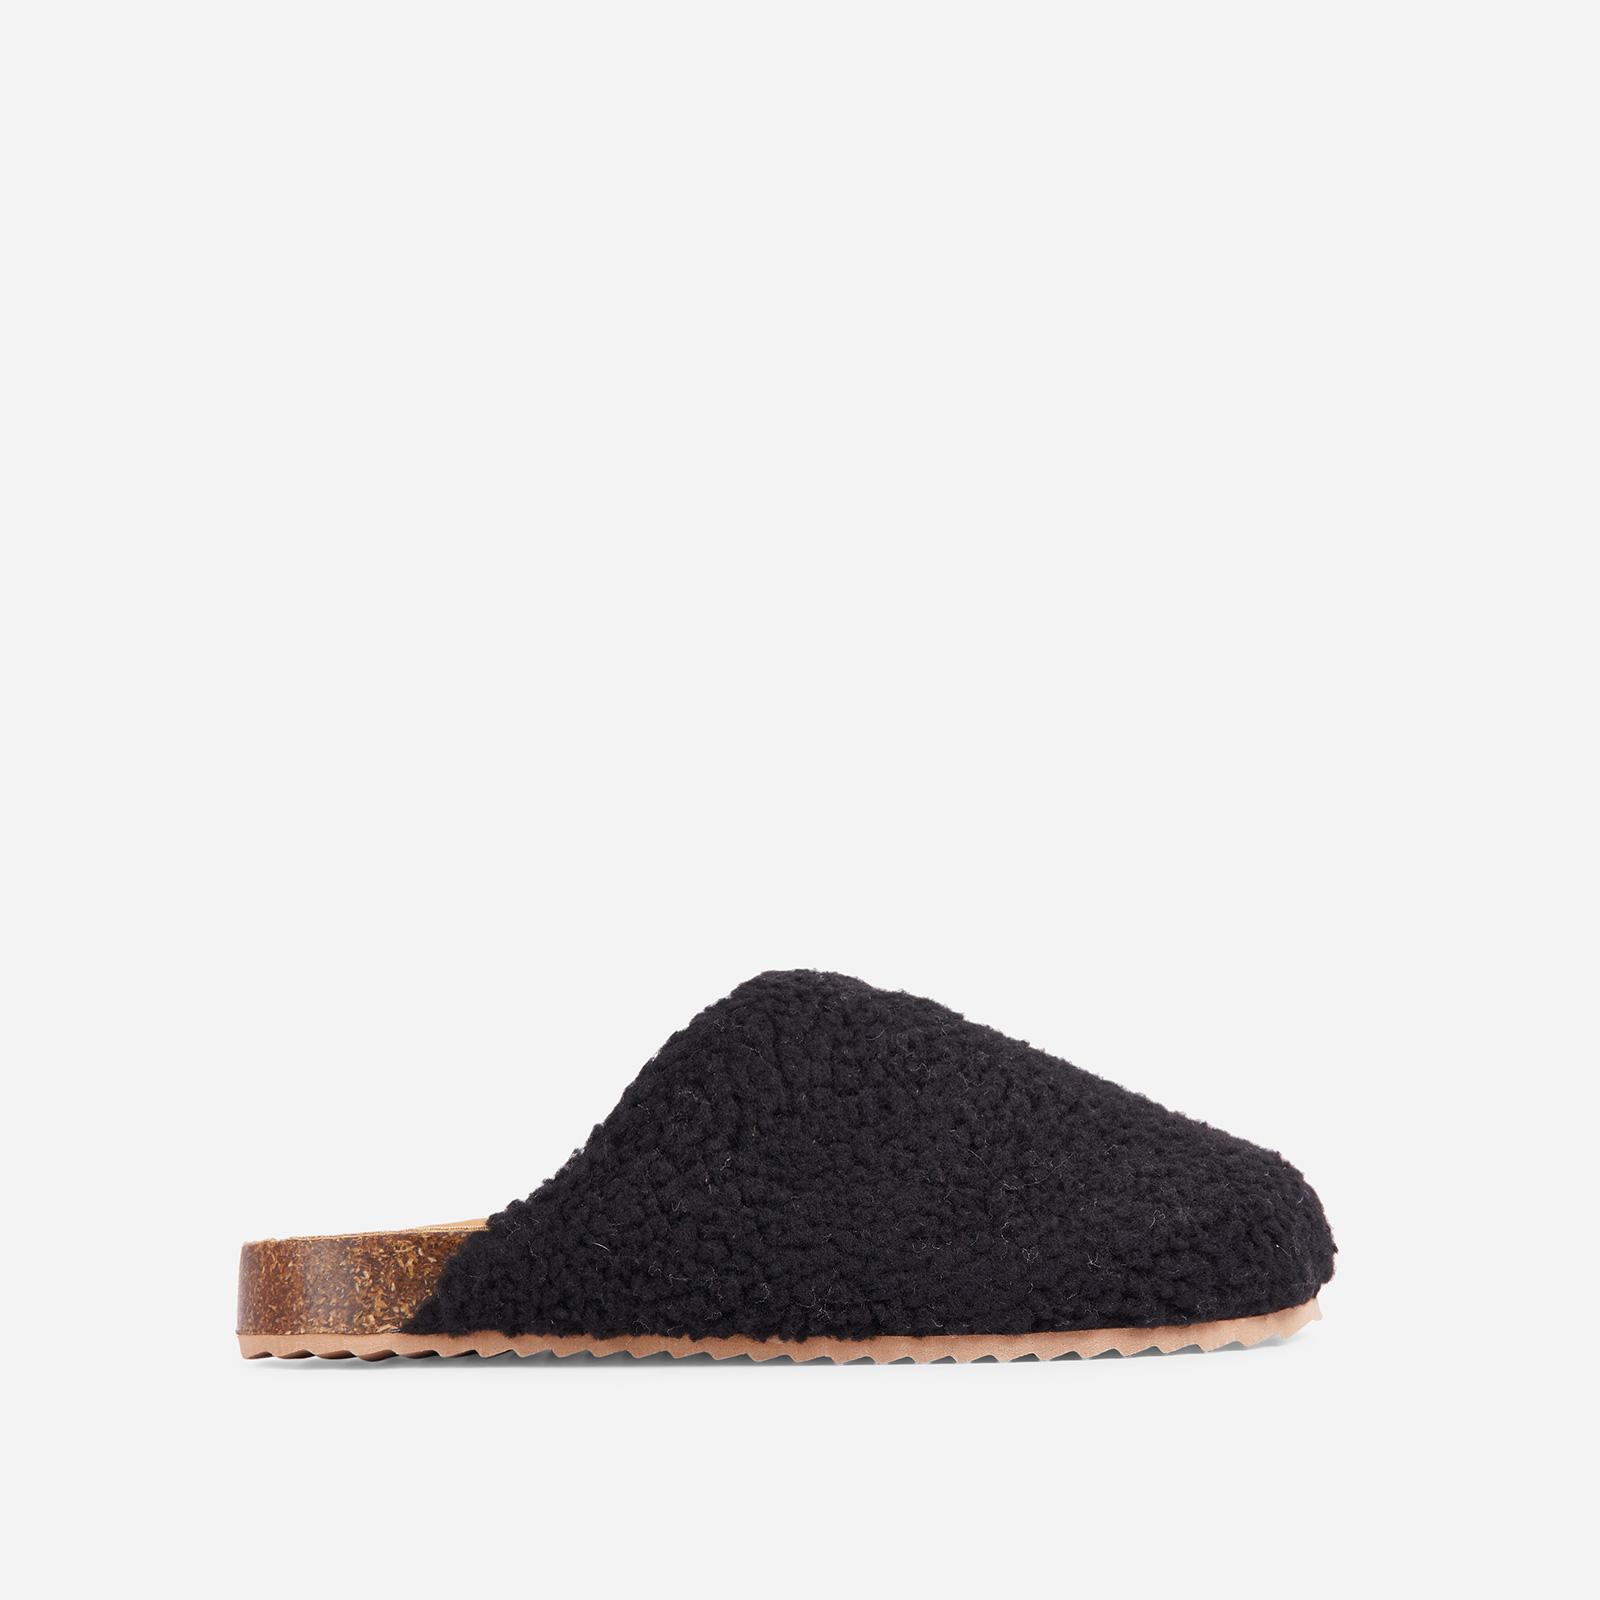 EGO Oozy Flat Mule In Black Faux Shearling, Black  - female - Size: 9